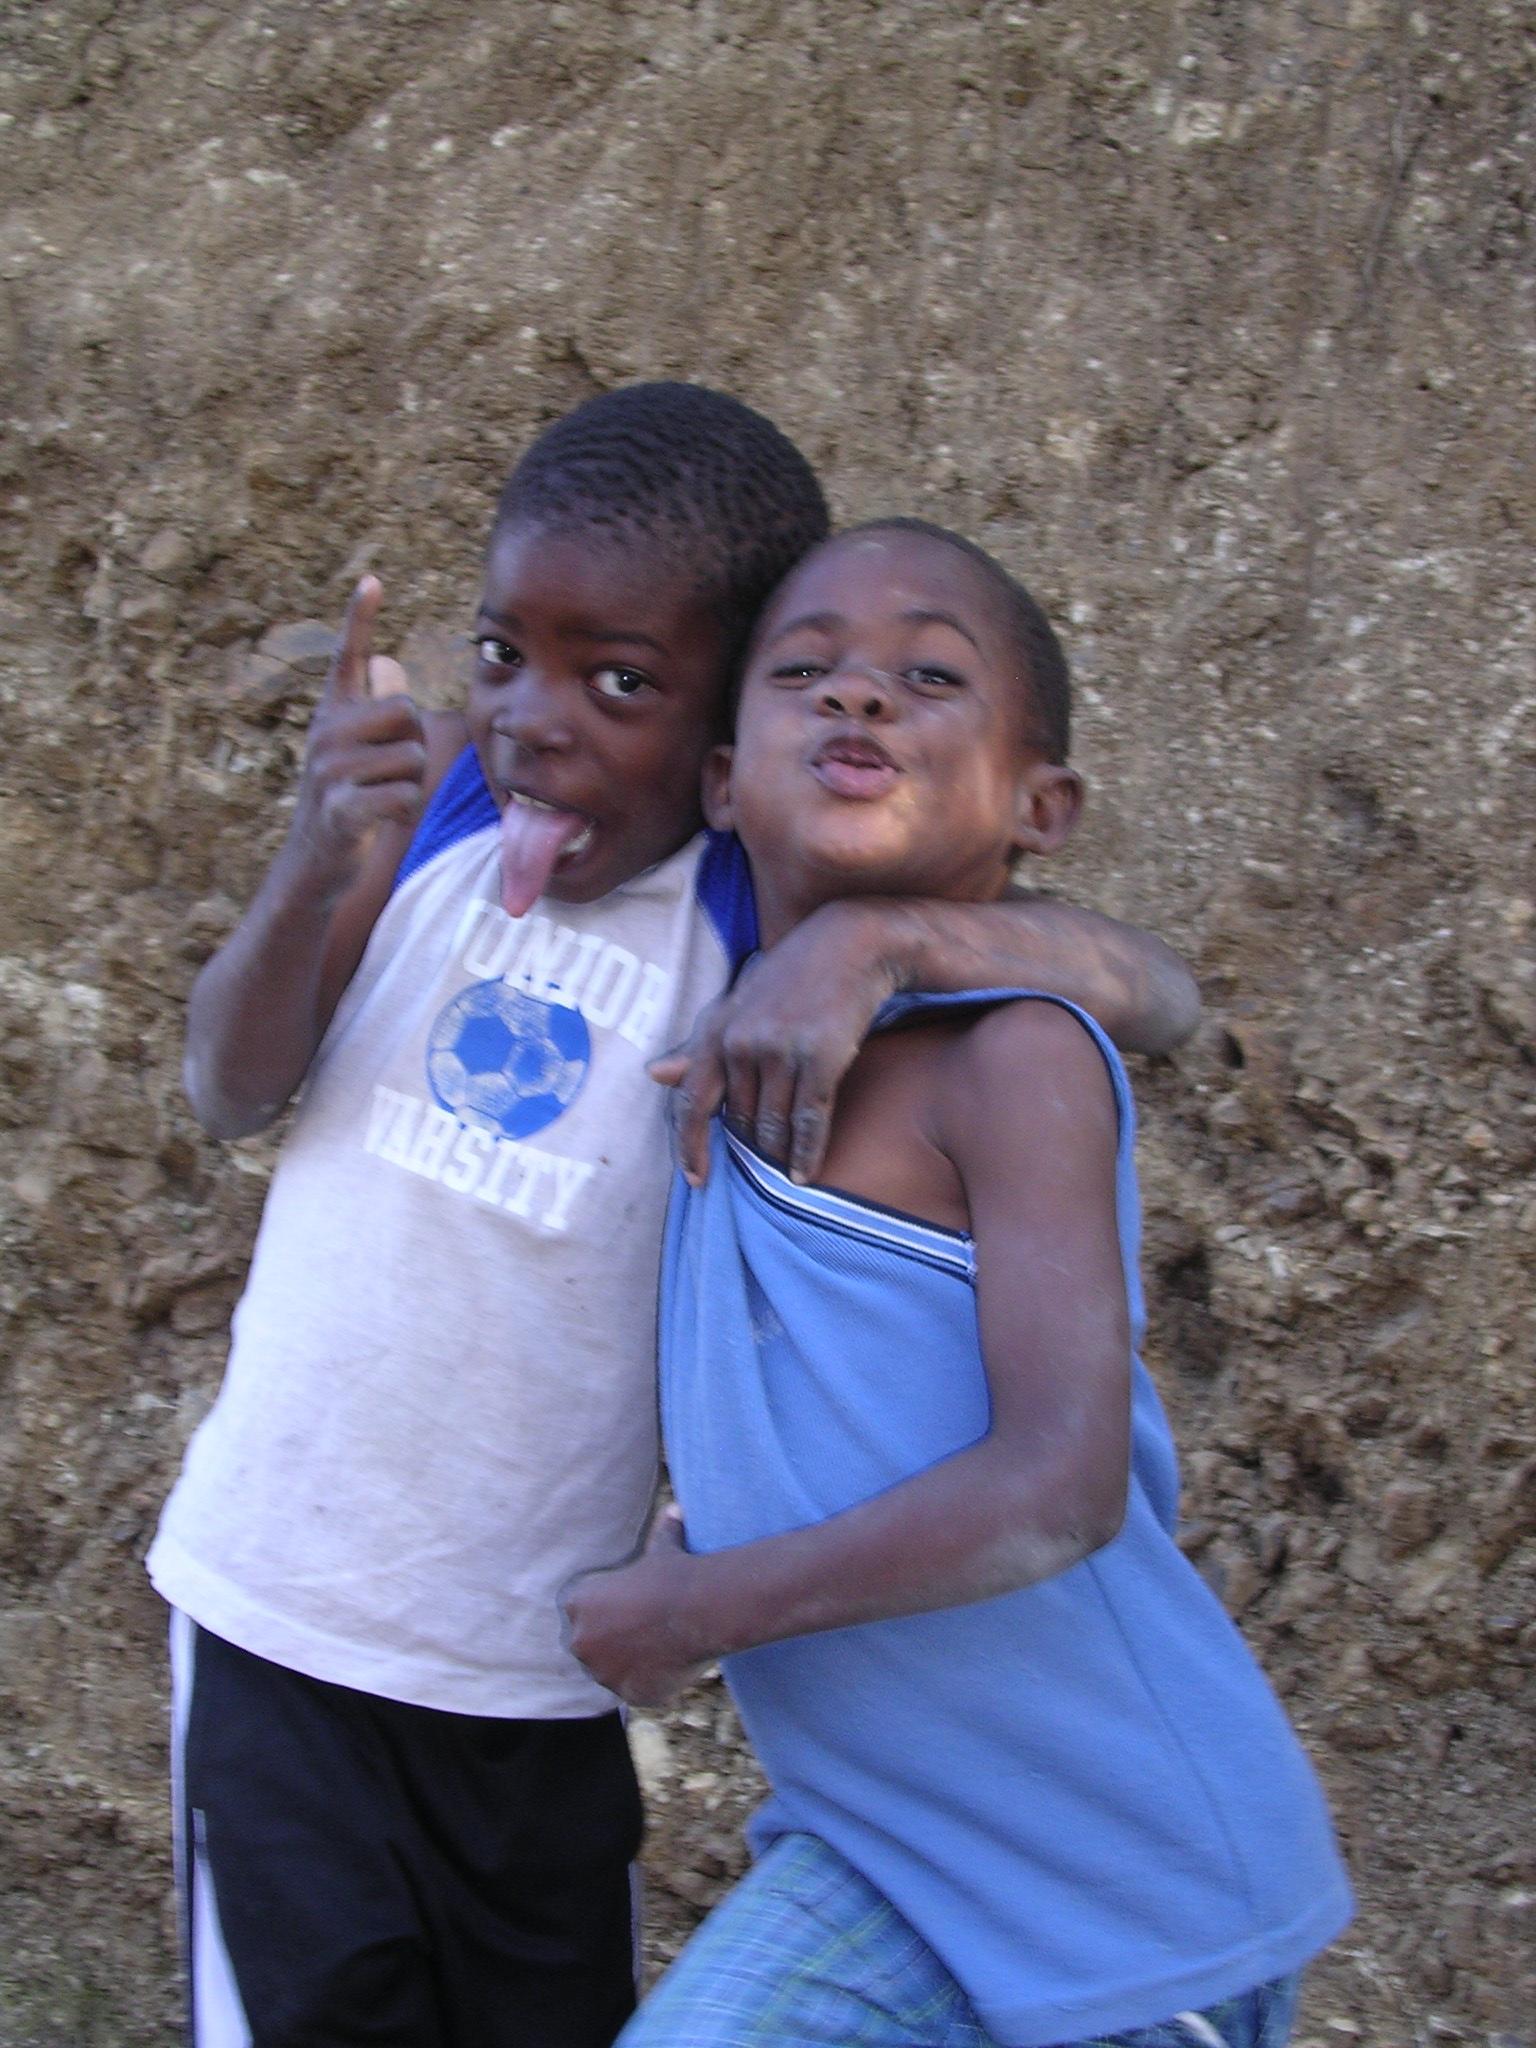 Haitian boys